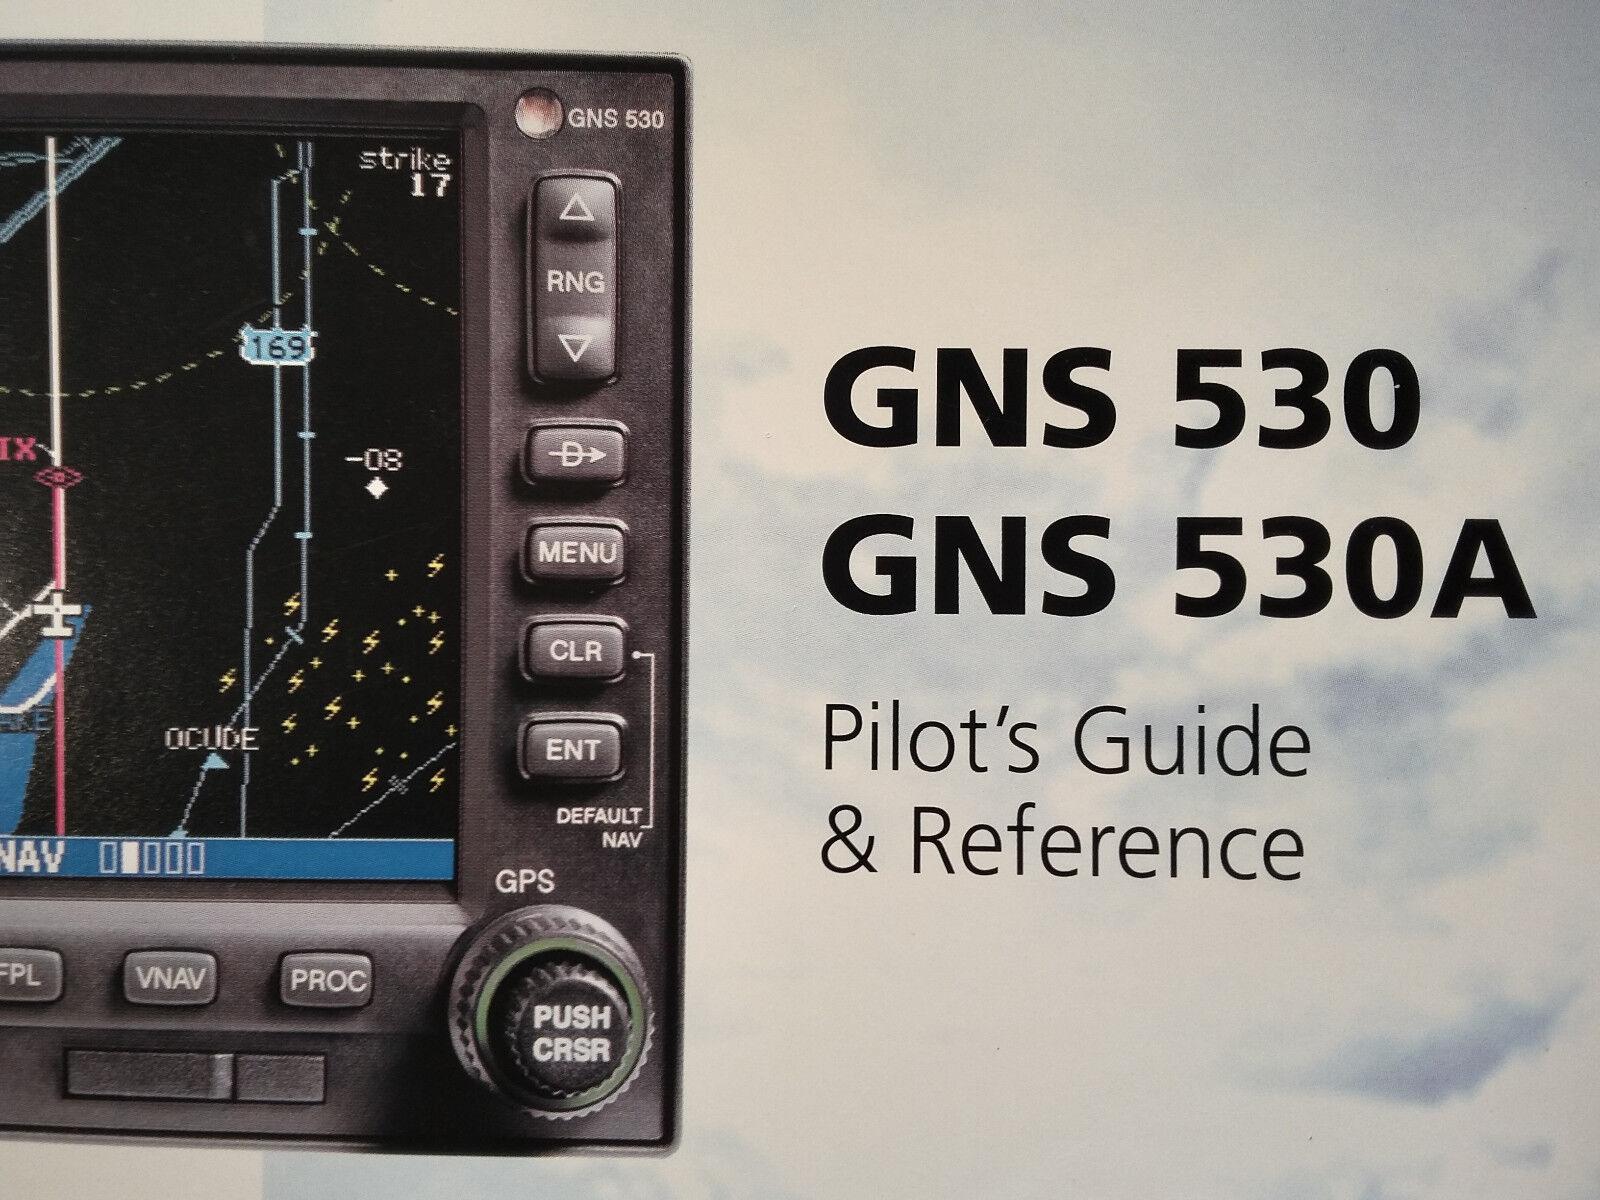 Garmin GNS 530 & GNS-530A Pilot's Guide